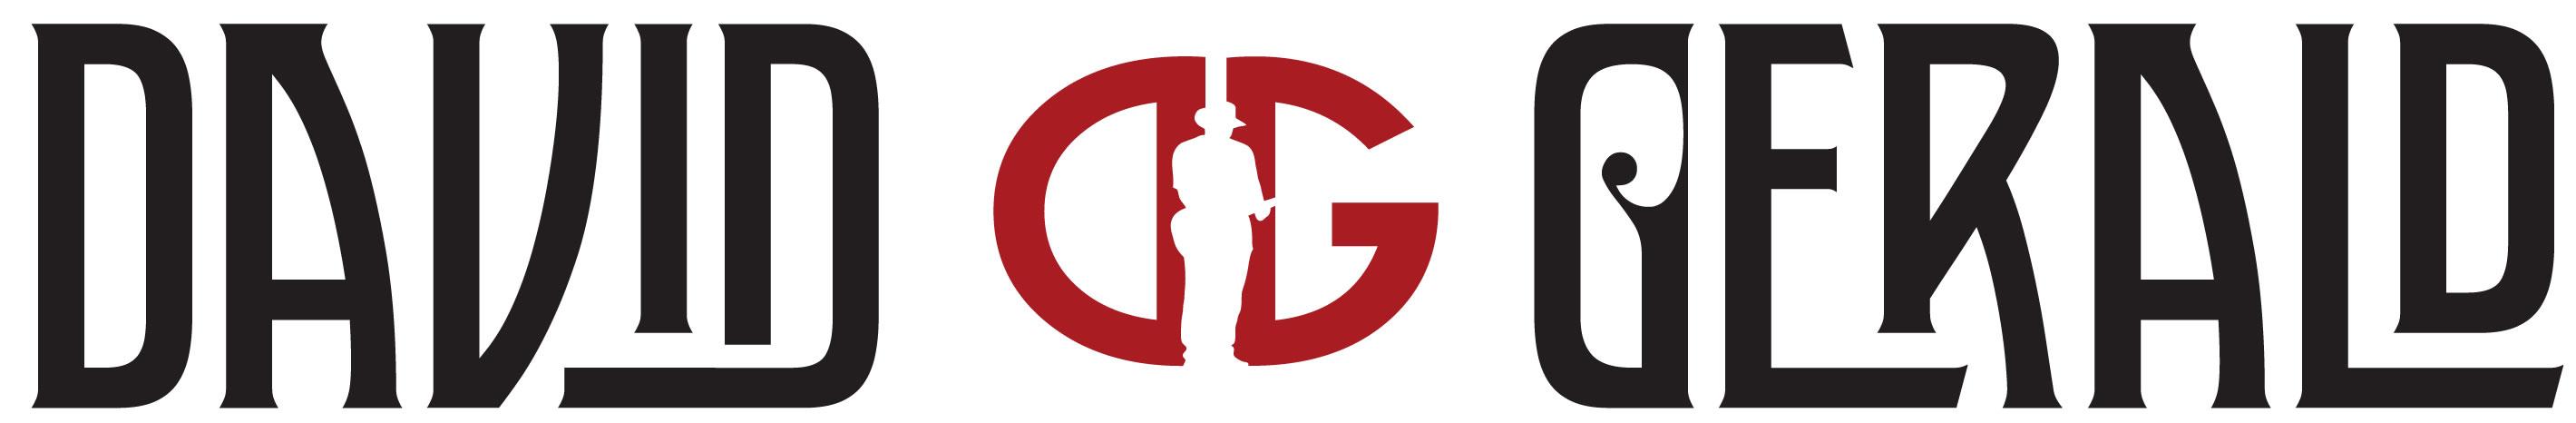 David Gerald Logo